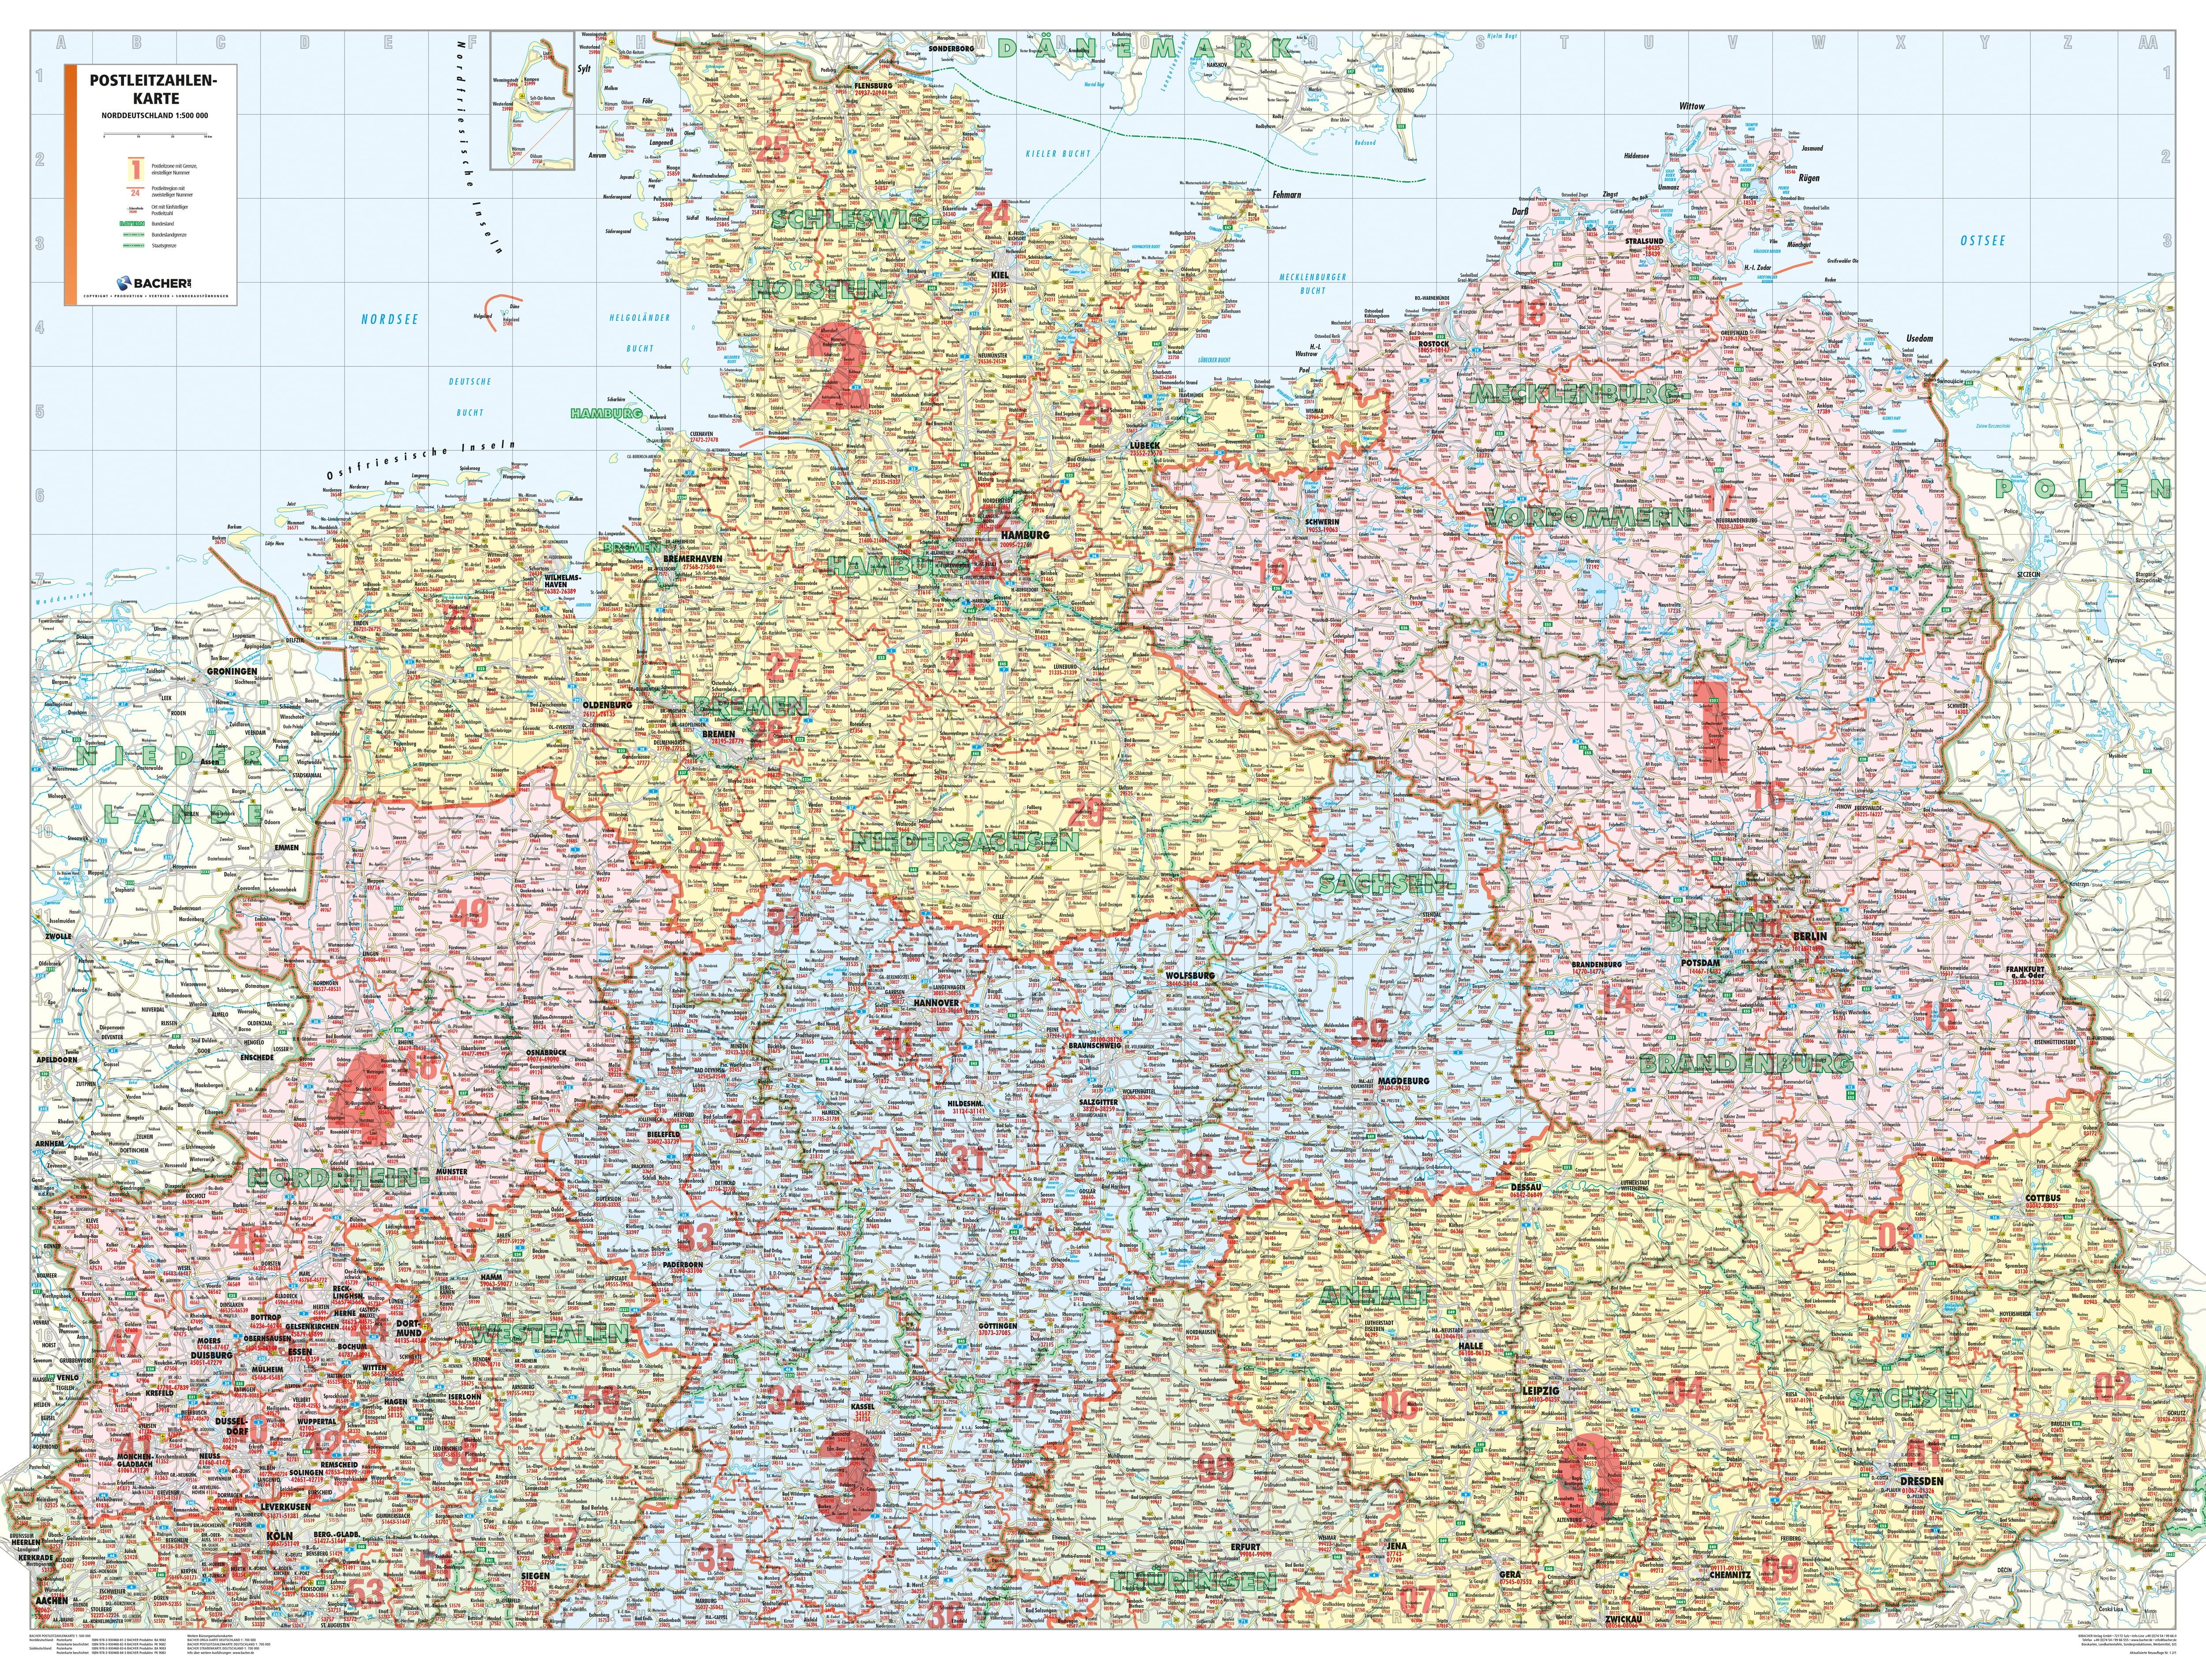 Bundesländer Karte Mit Plz.Postleitzahlenkarte Norddeutschland